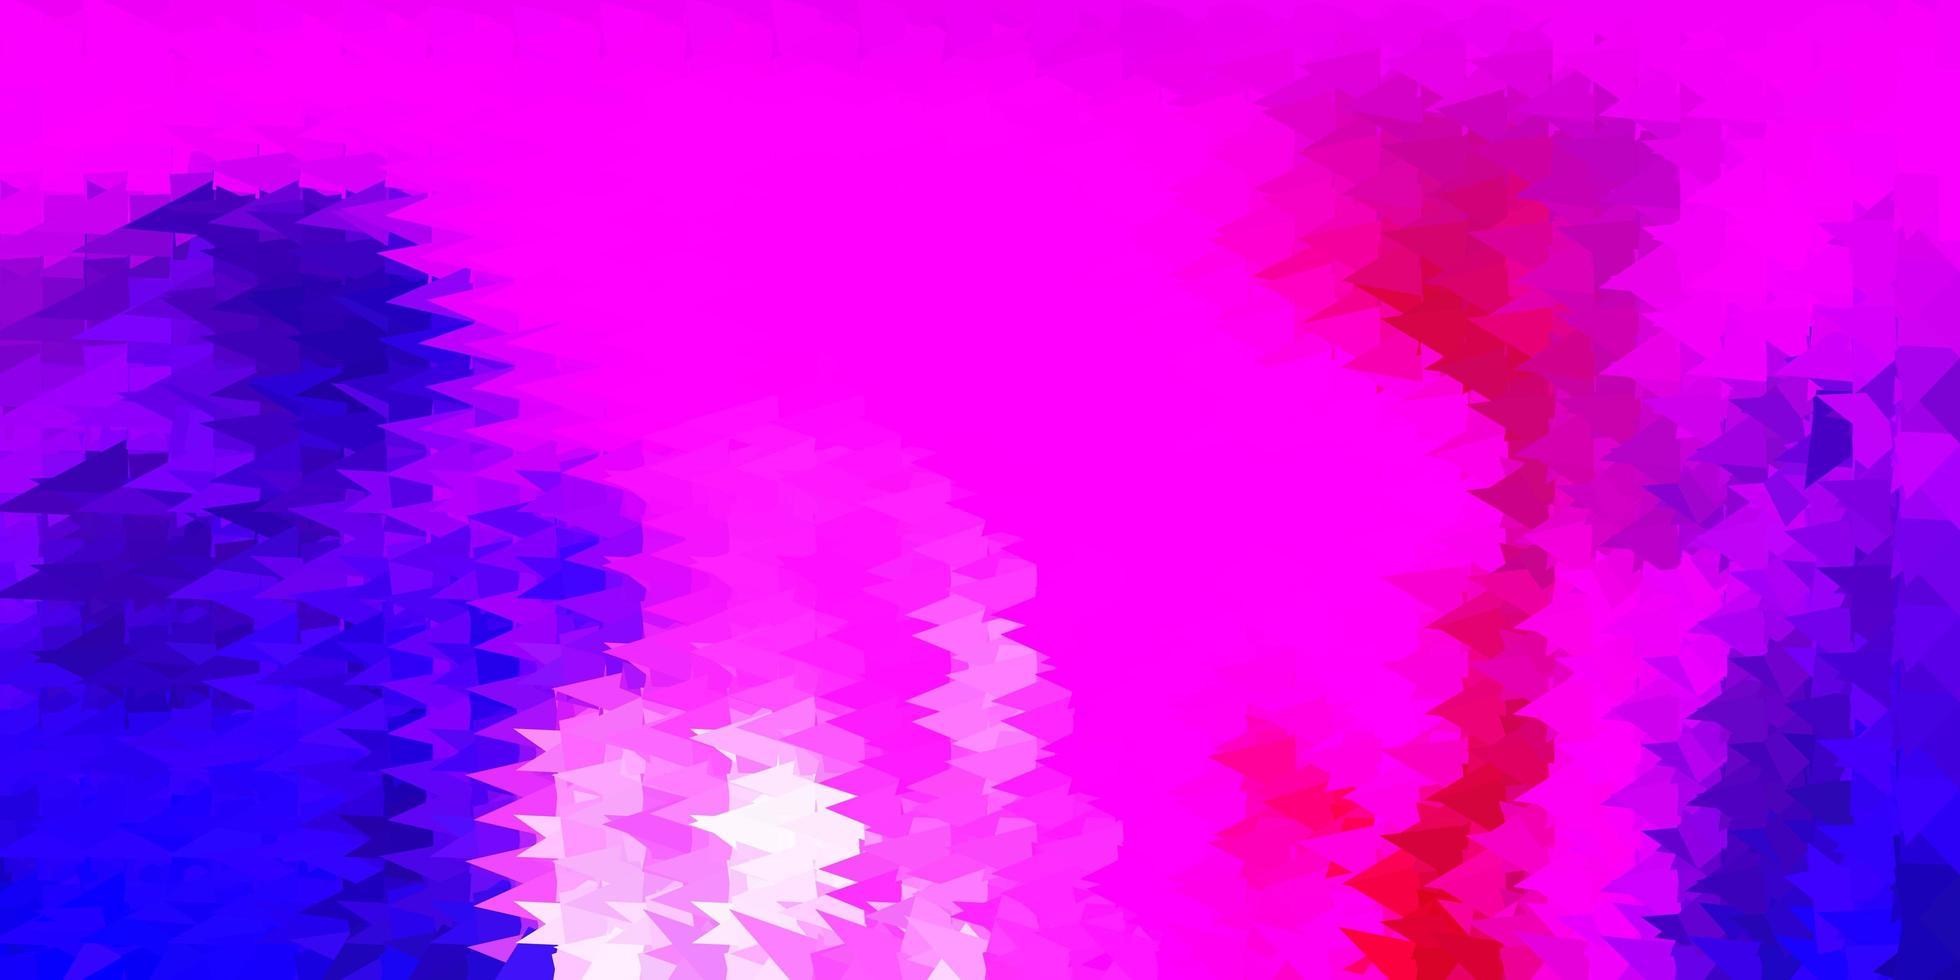 dunkelviolette, rosa Vektor-Dreieck-Mosaik-Tapete. vektor